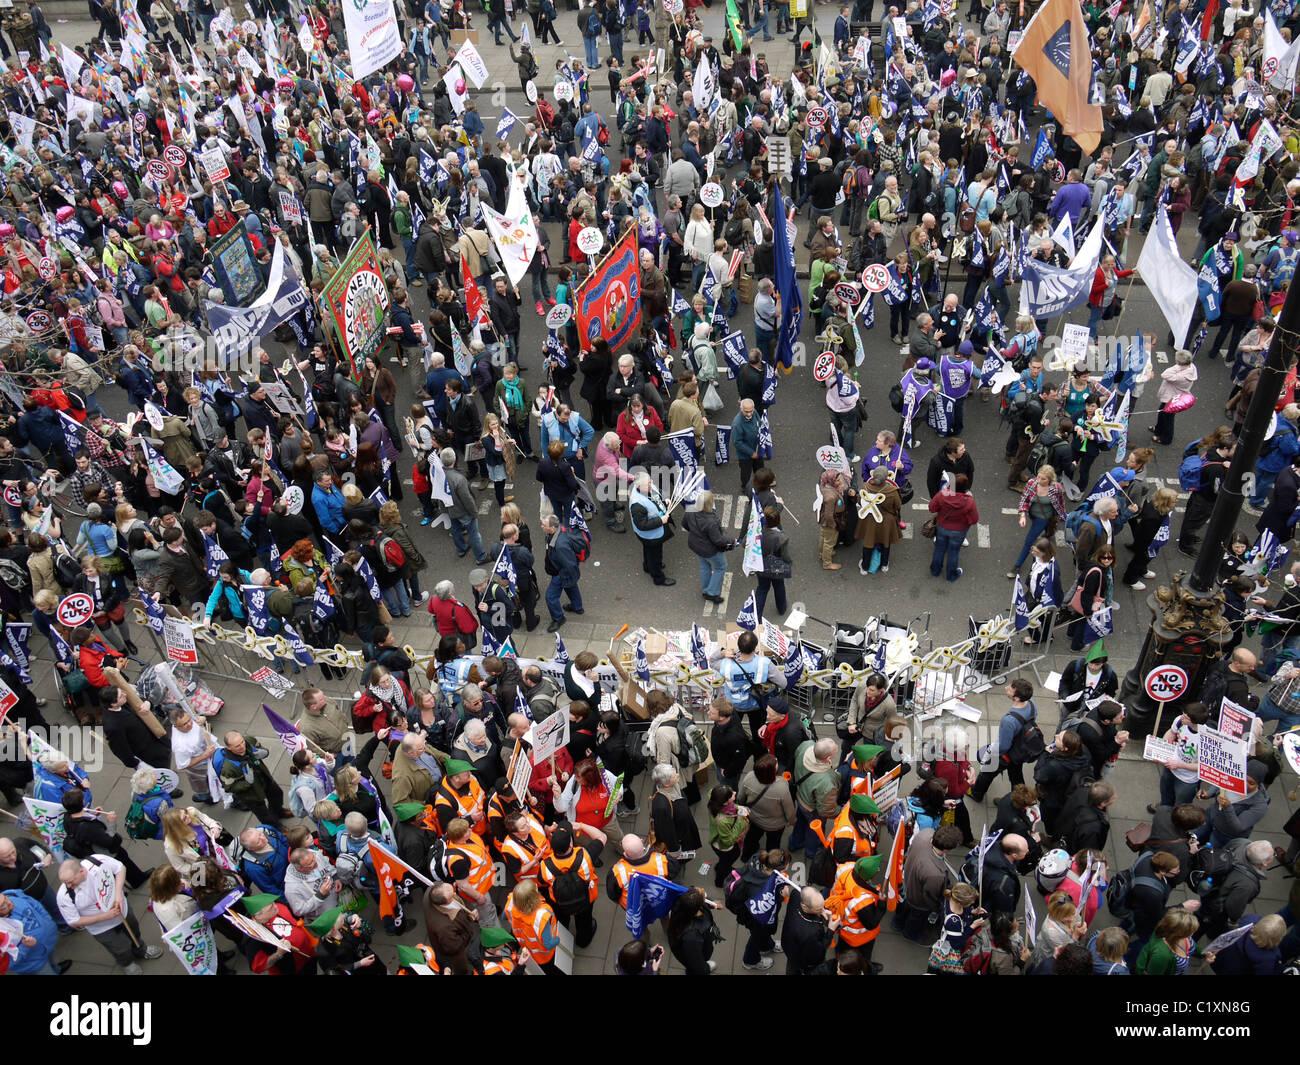 Tuc anti tagli marzo anti-tagli 26 marzo i manifestanti assemblare per protestare Immagini Stock